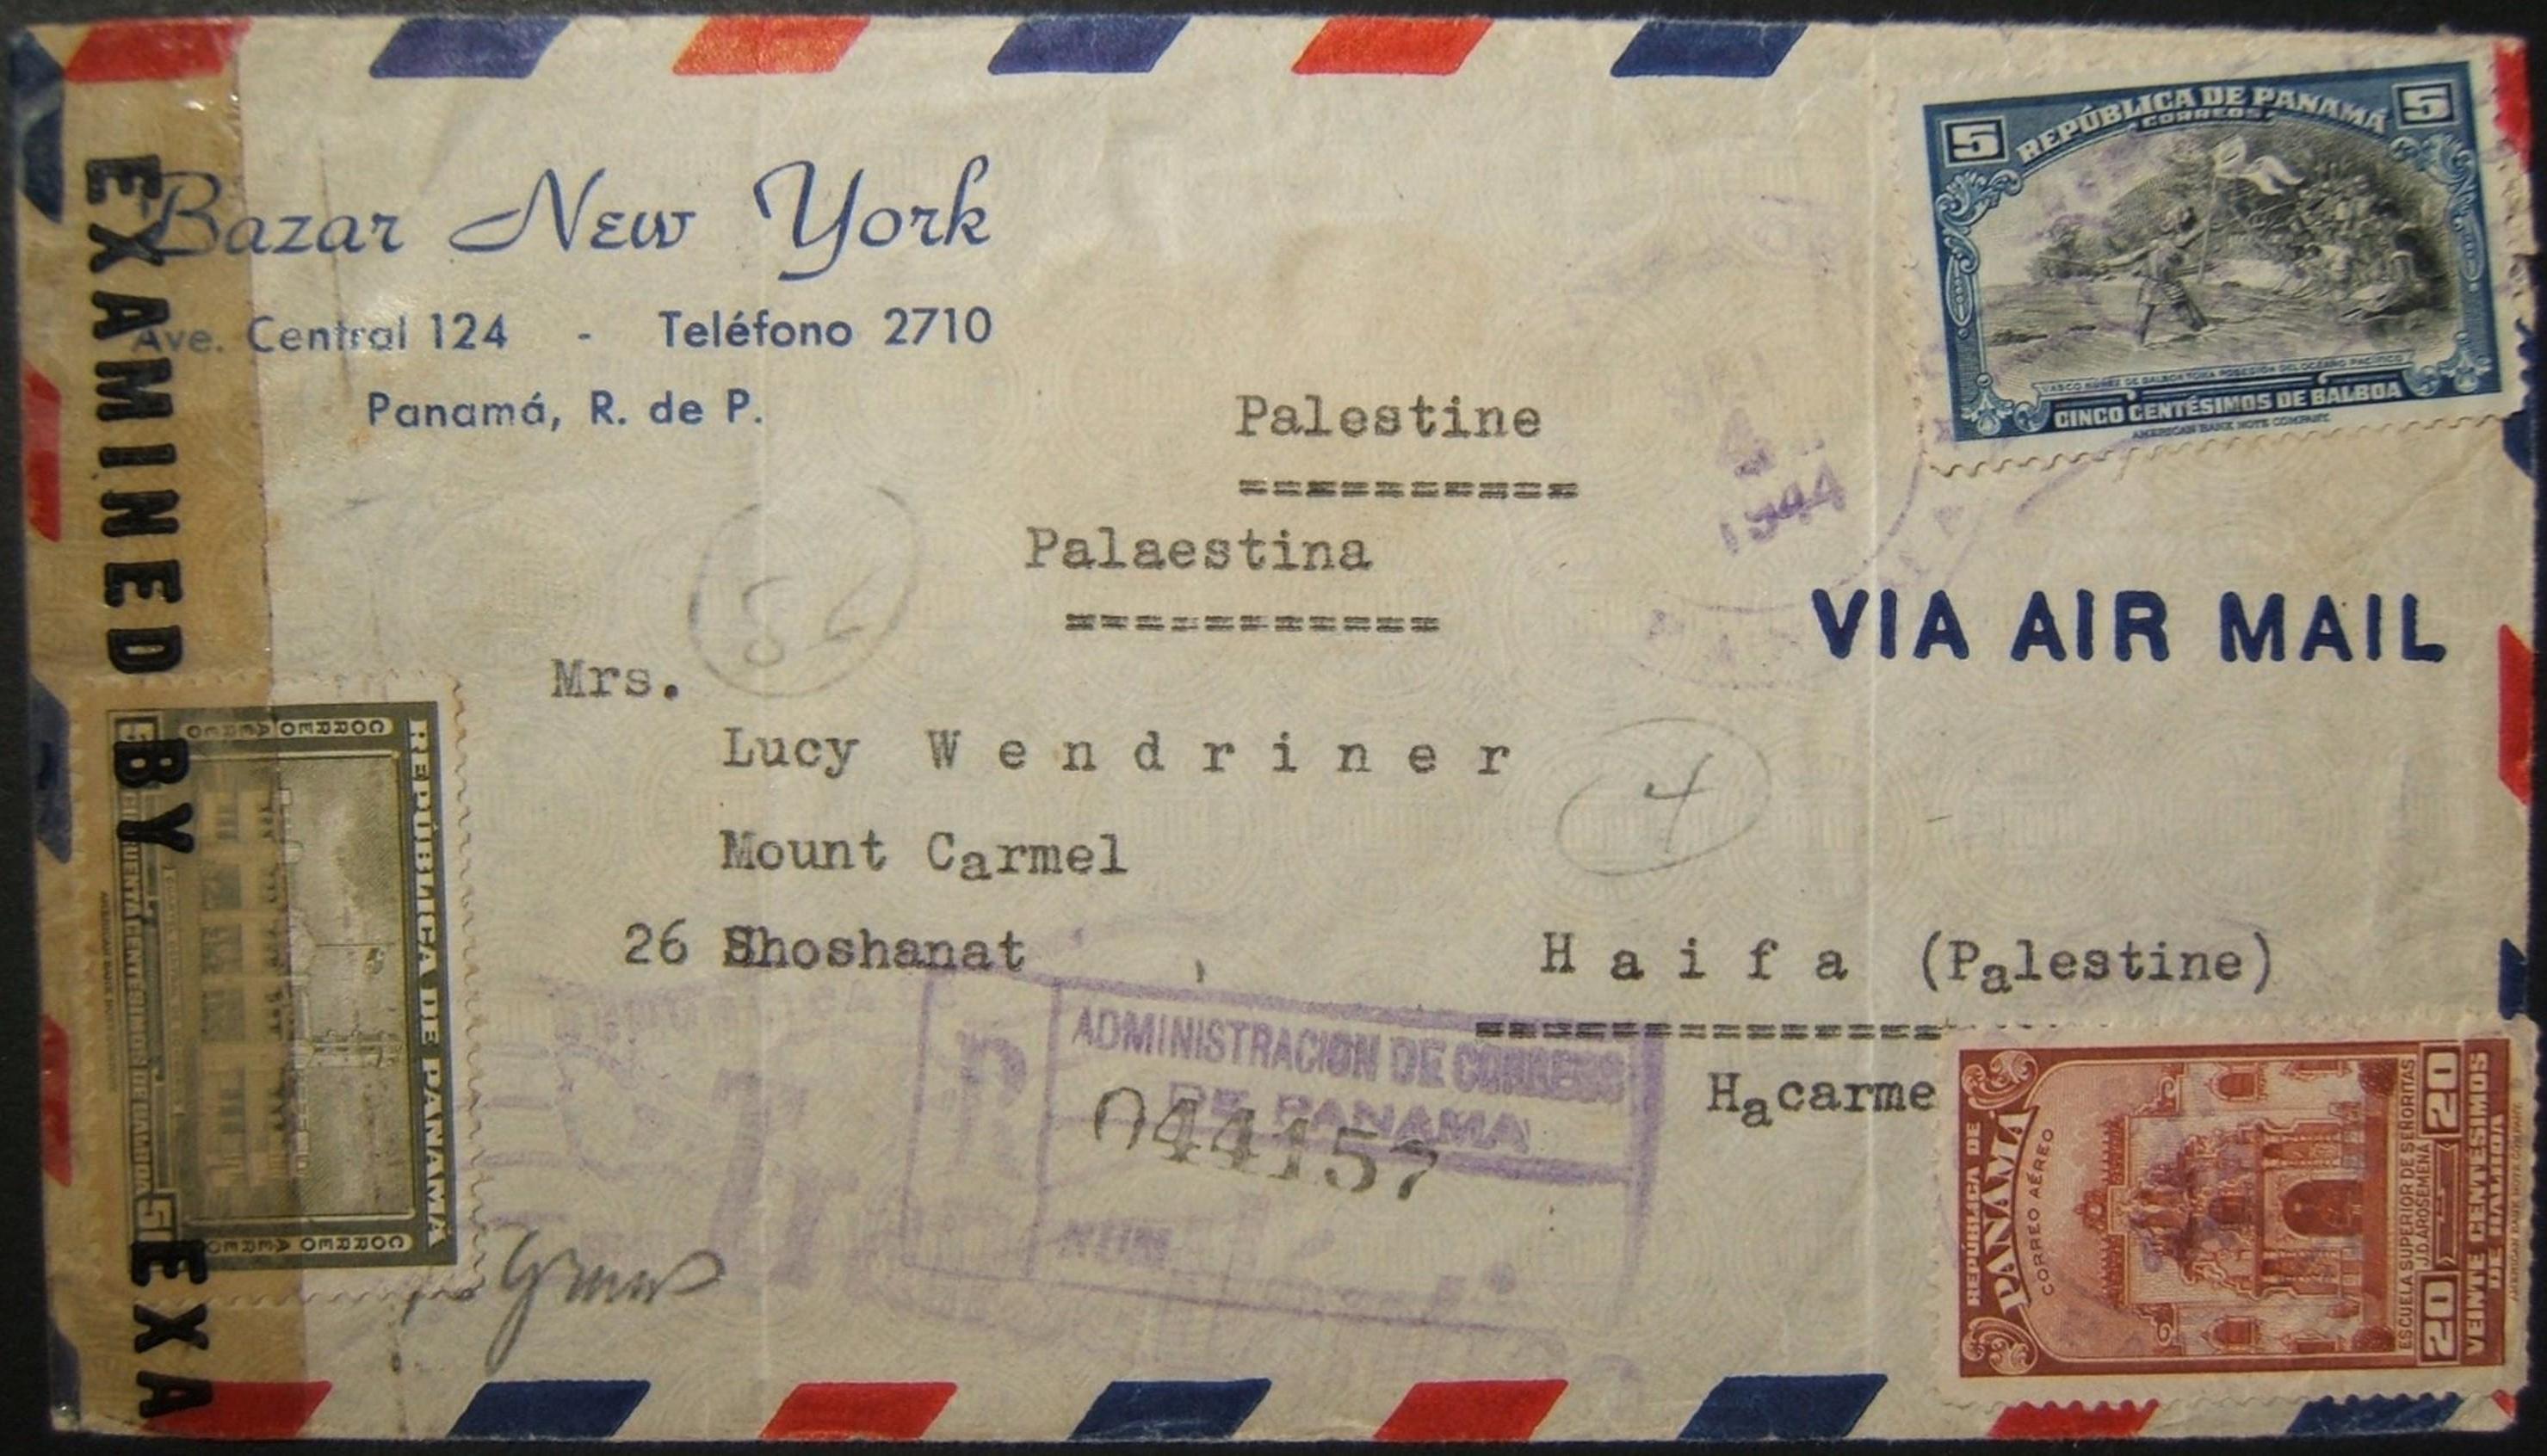 9/1944 الحرب العالمية الثانية عبر المحيط الأطلسي من بنما إلى HAIFA عبر MIAMI ؛ غير خاضعة للرقابة